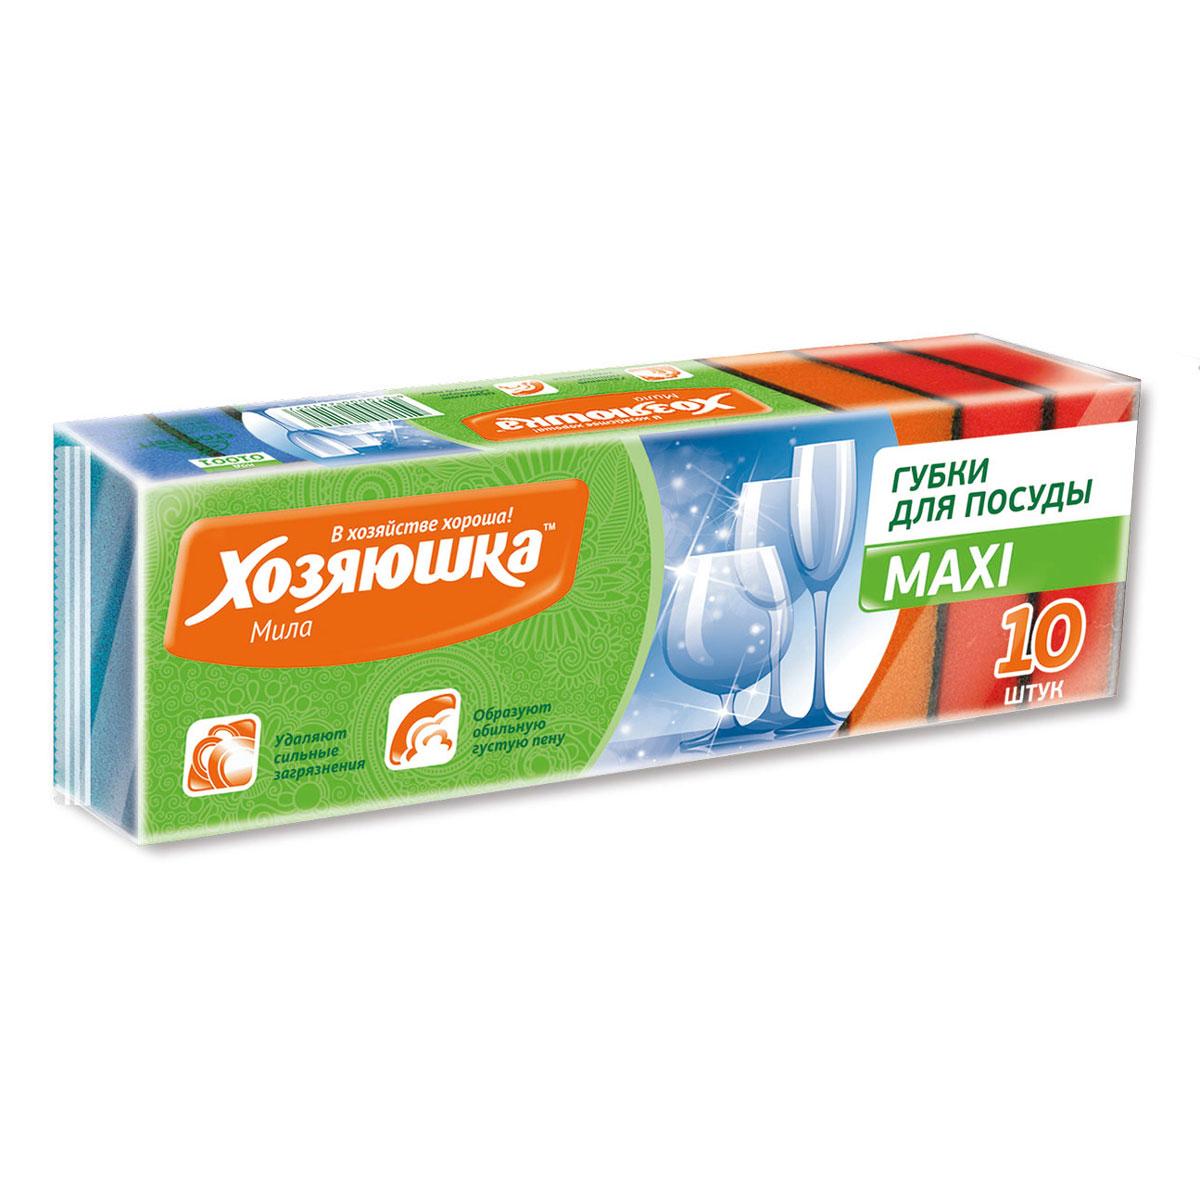 Набор губок Хозяюшка Мила Maxi для мытья посуды, 10 шт01001